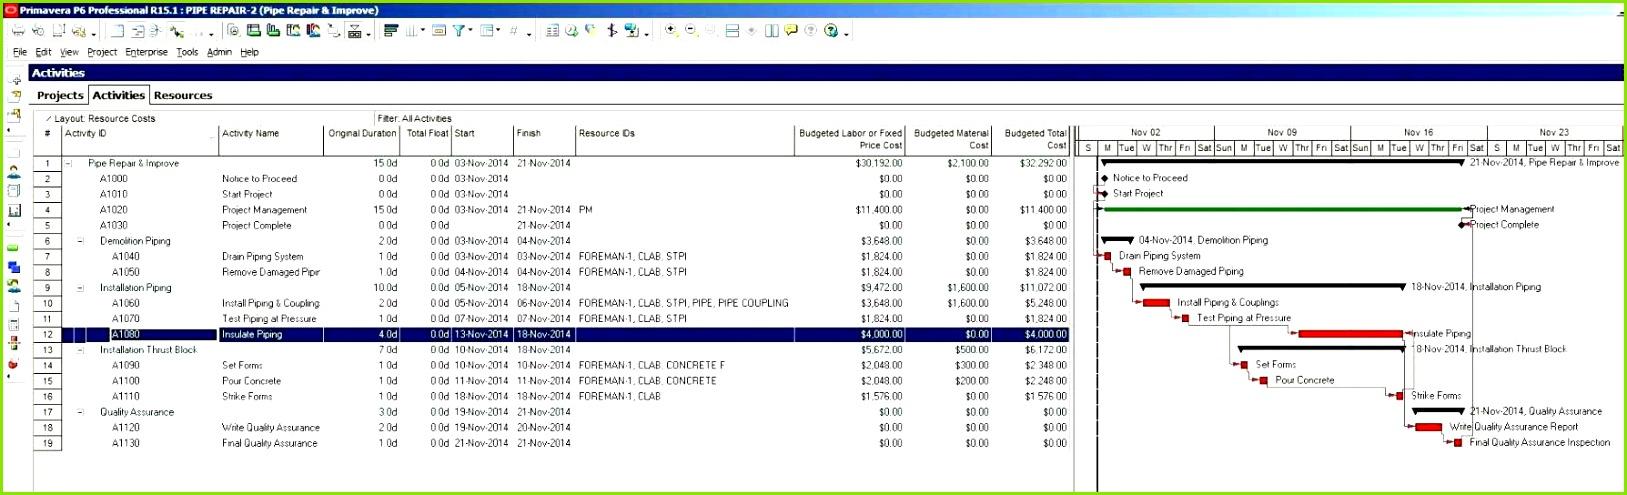 Kostenlos Urlaubsplaner 2017 Excel 10 Planung Excel Vorlage Vorlagen123 Vorlagen123